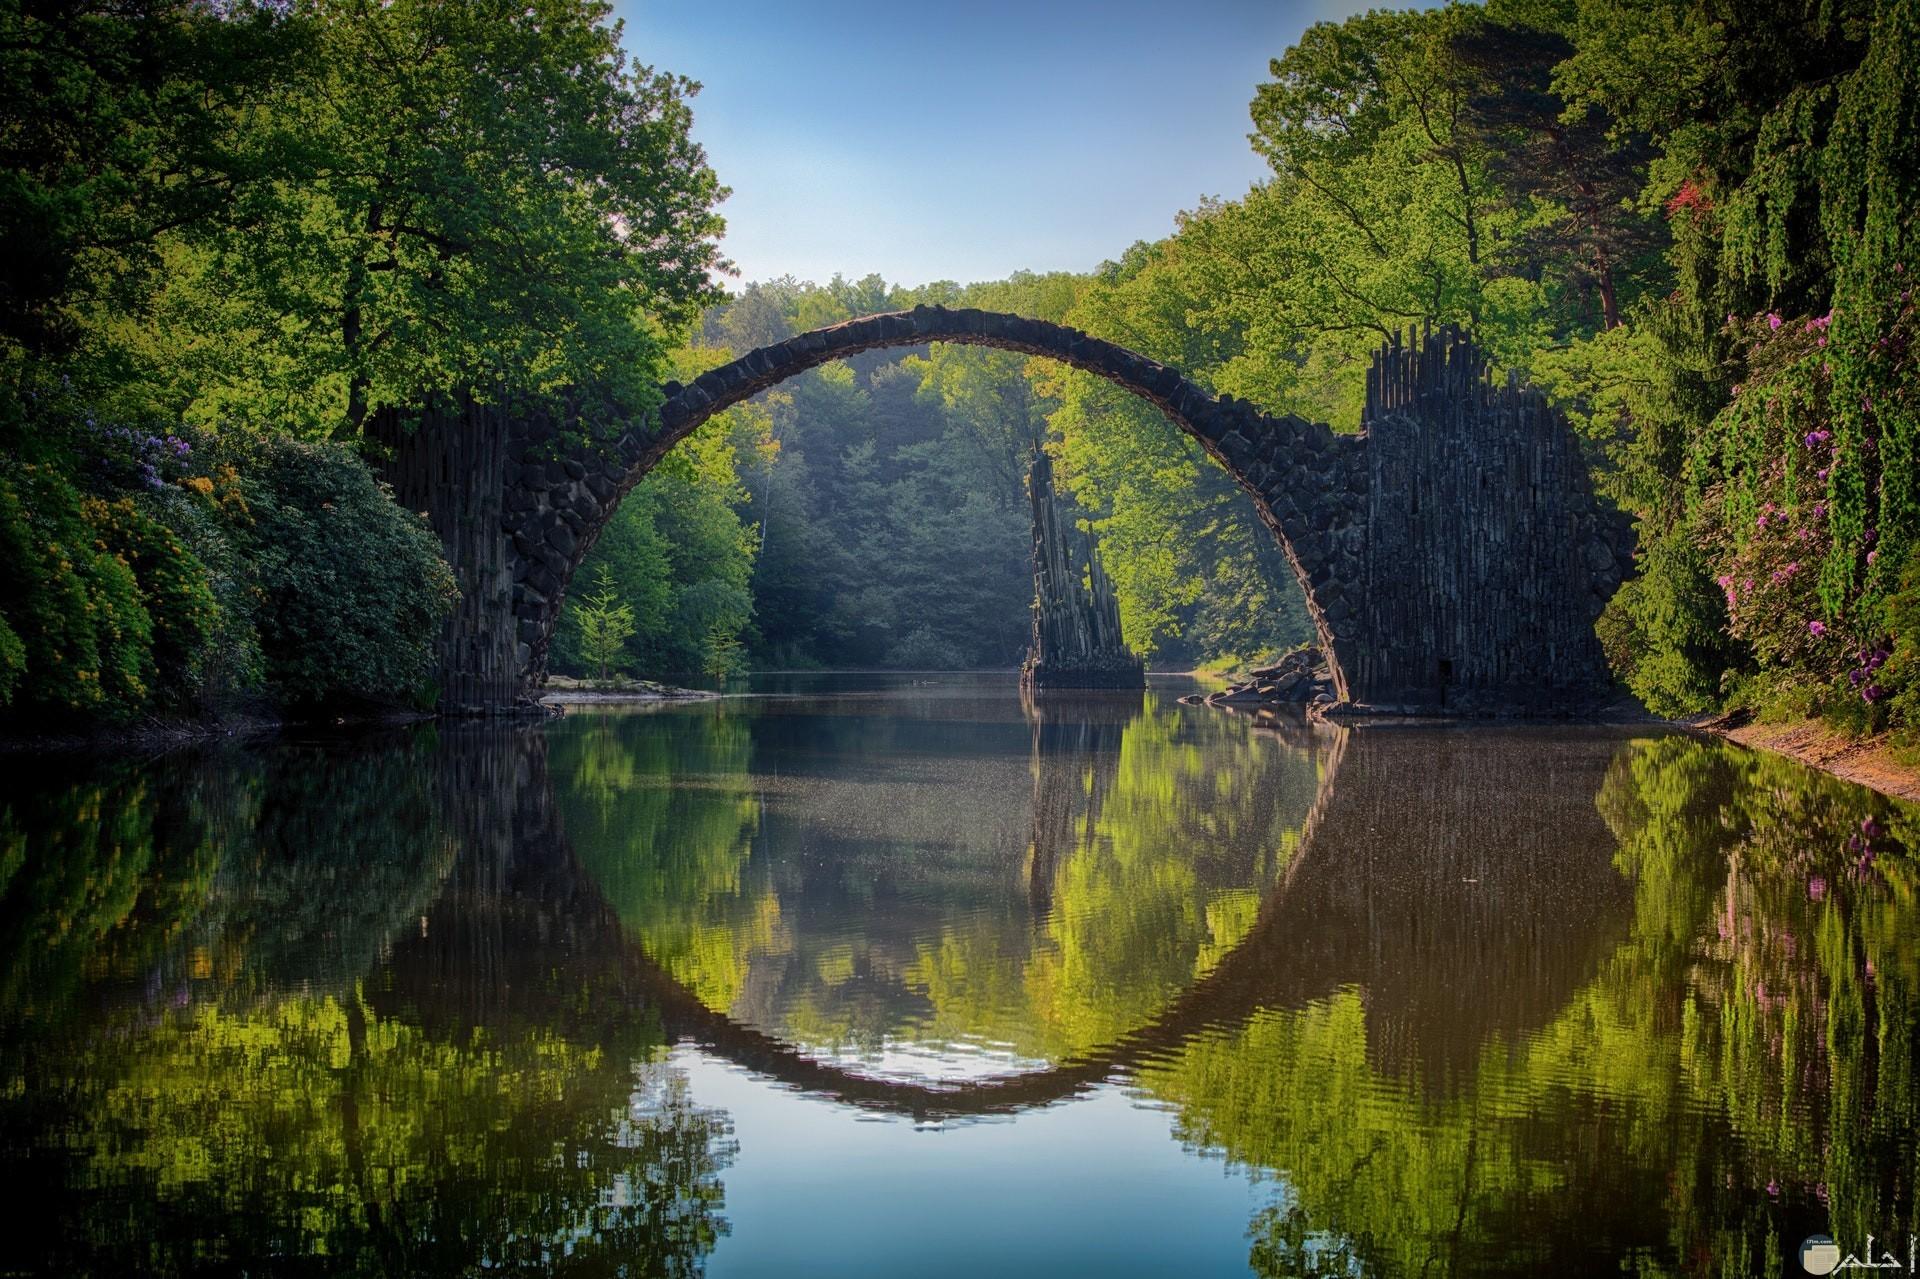 جسر تحاوطه الأشجار من كل اتجاة